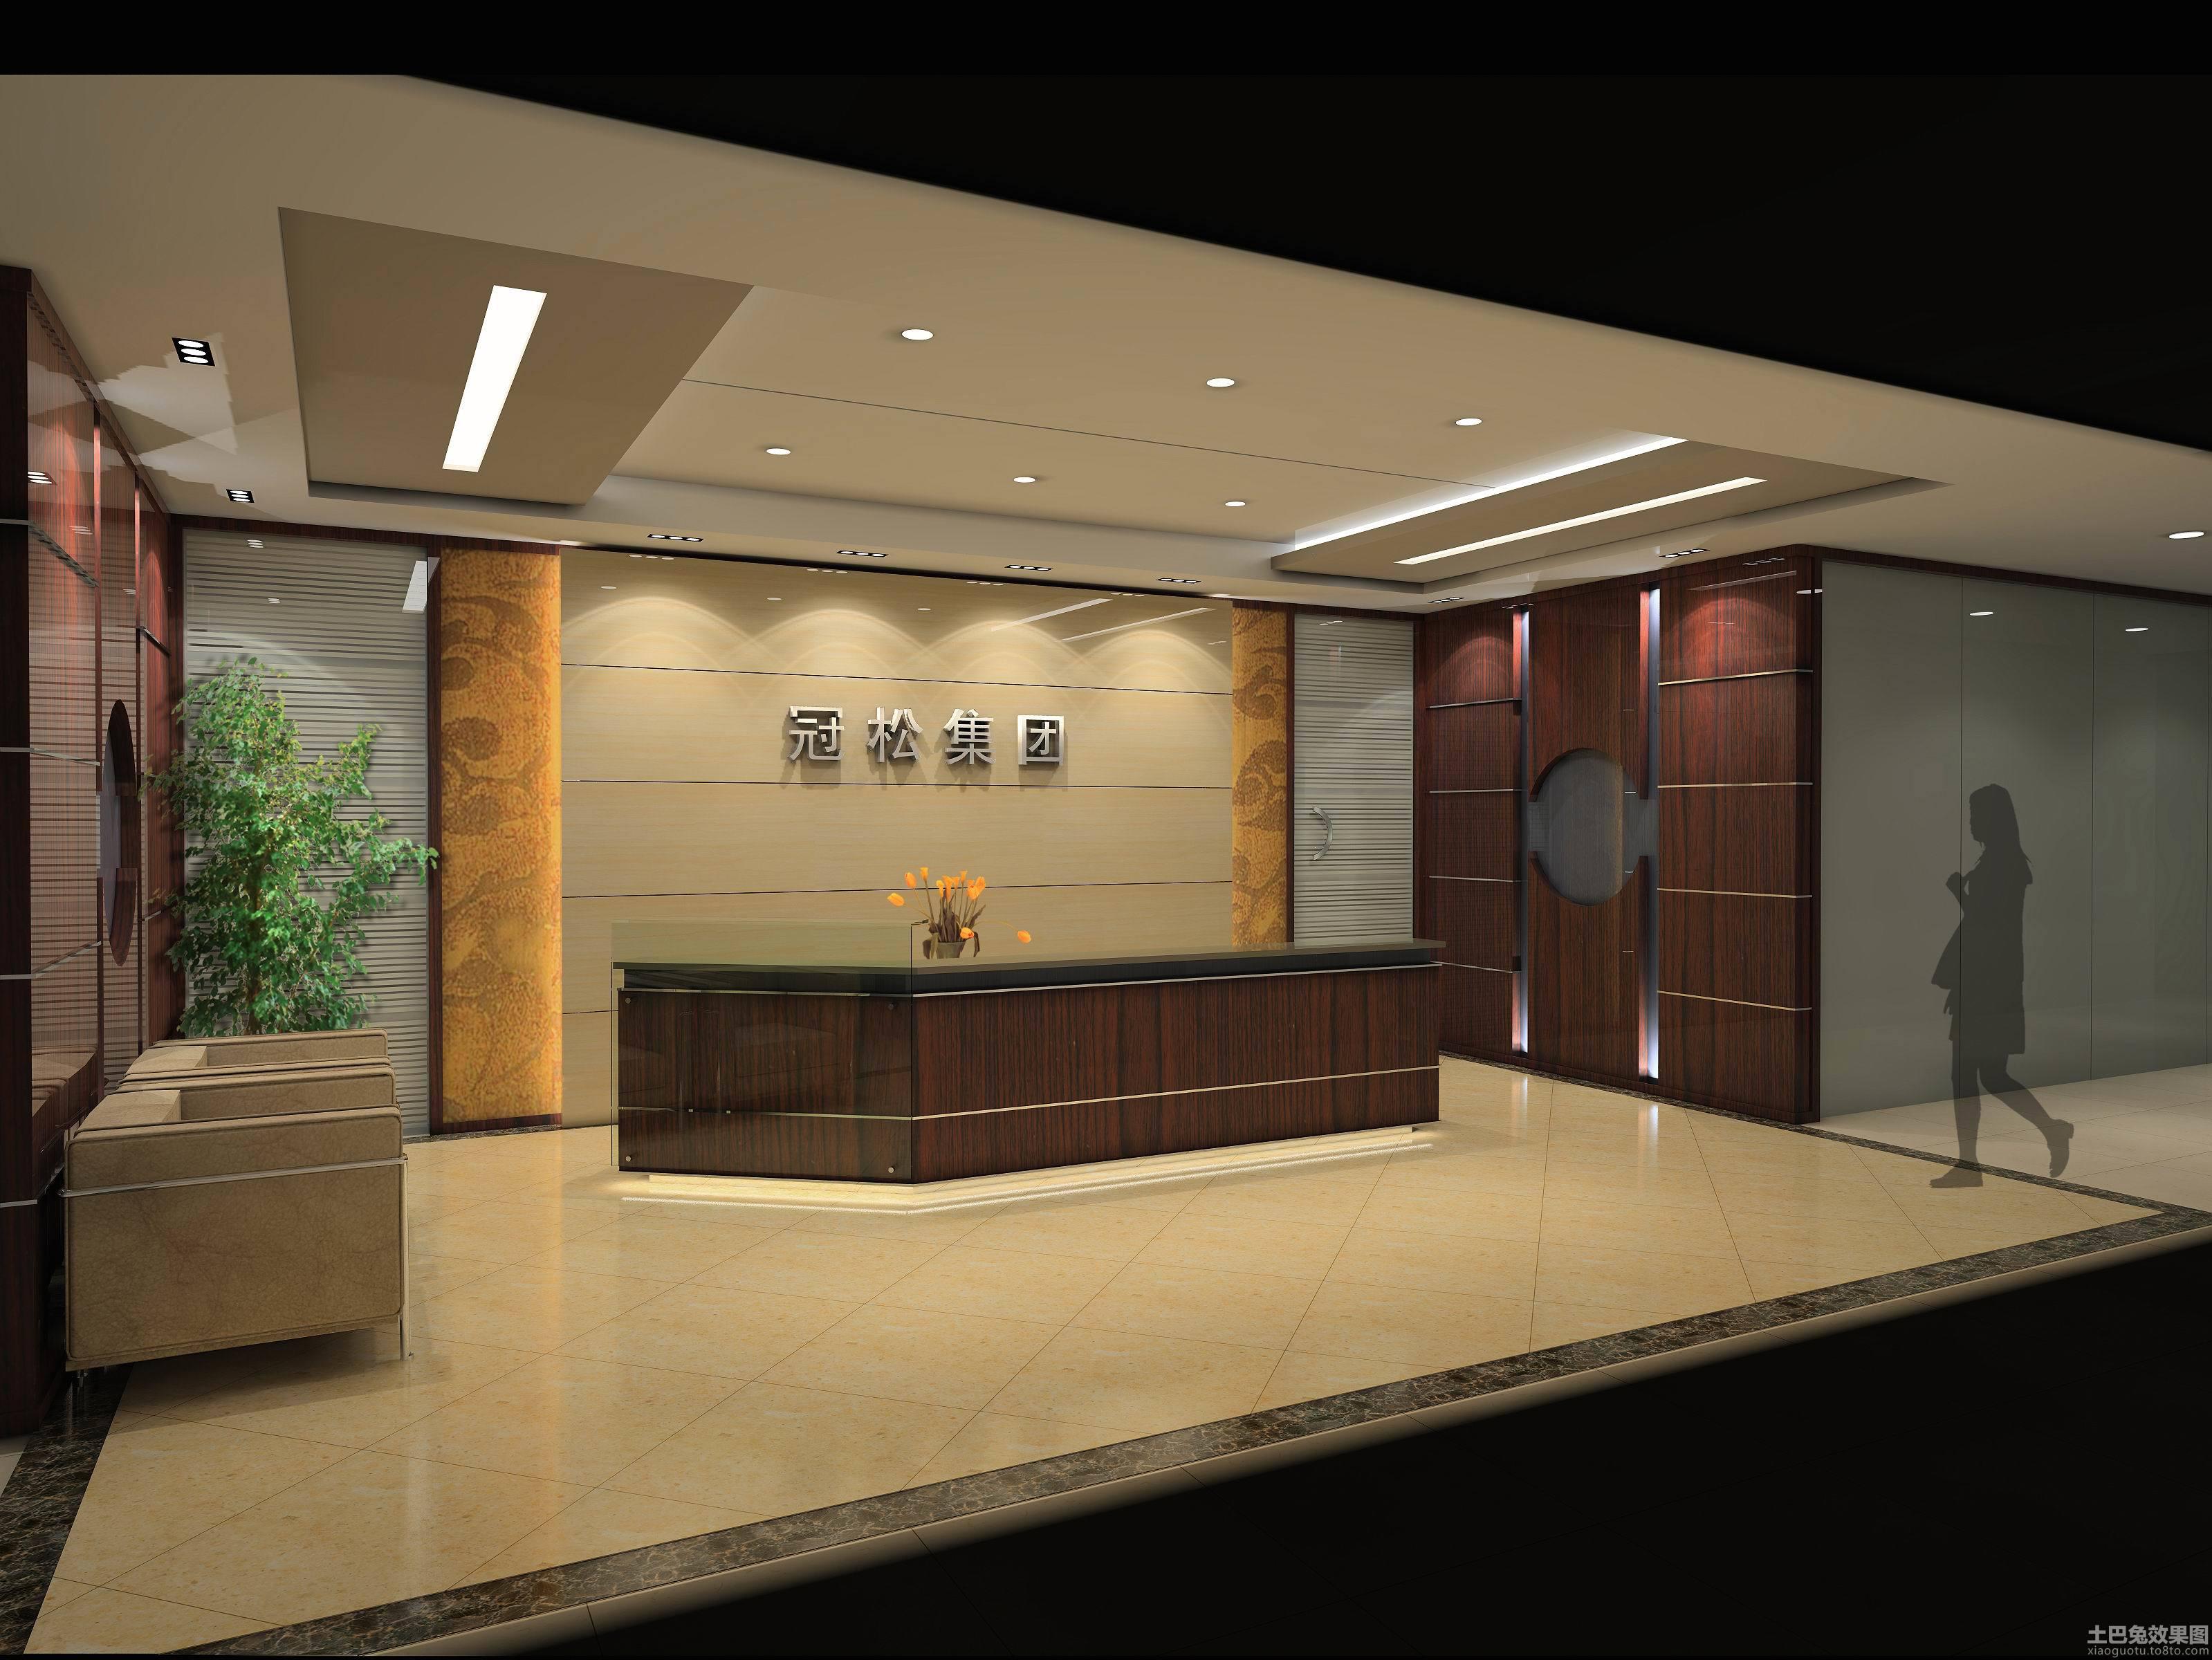 公司前台设计图片装修效果图_第5张 - 家居图库 - 九图片